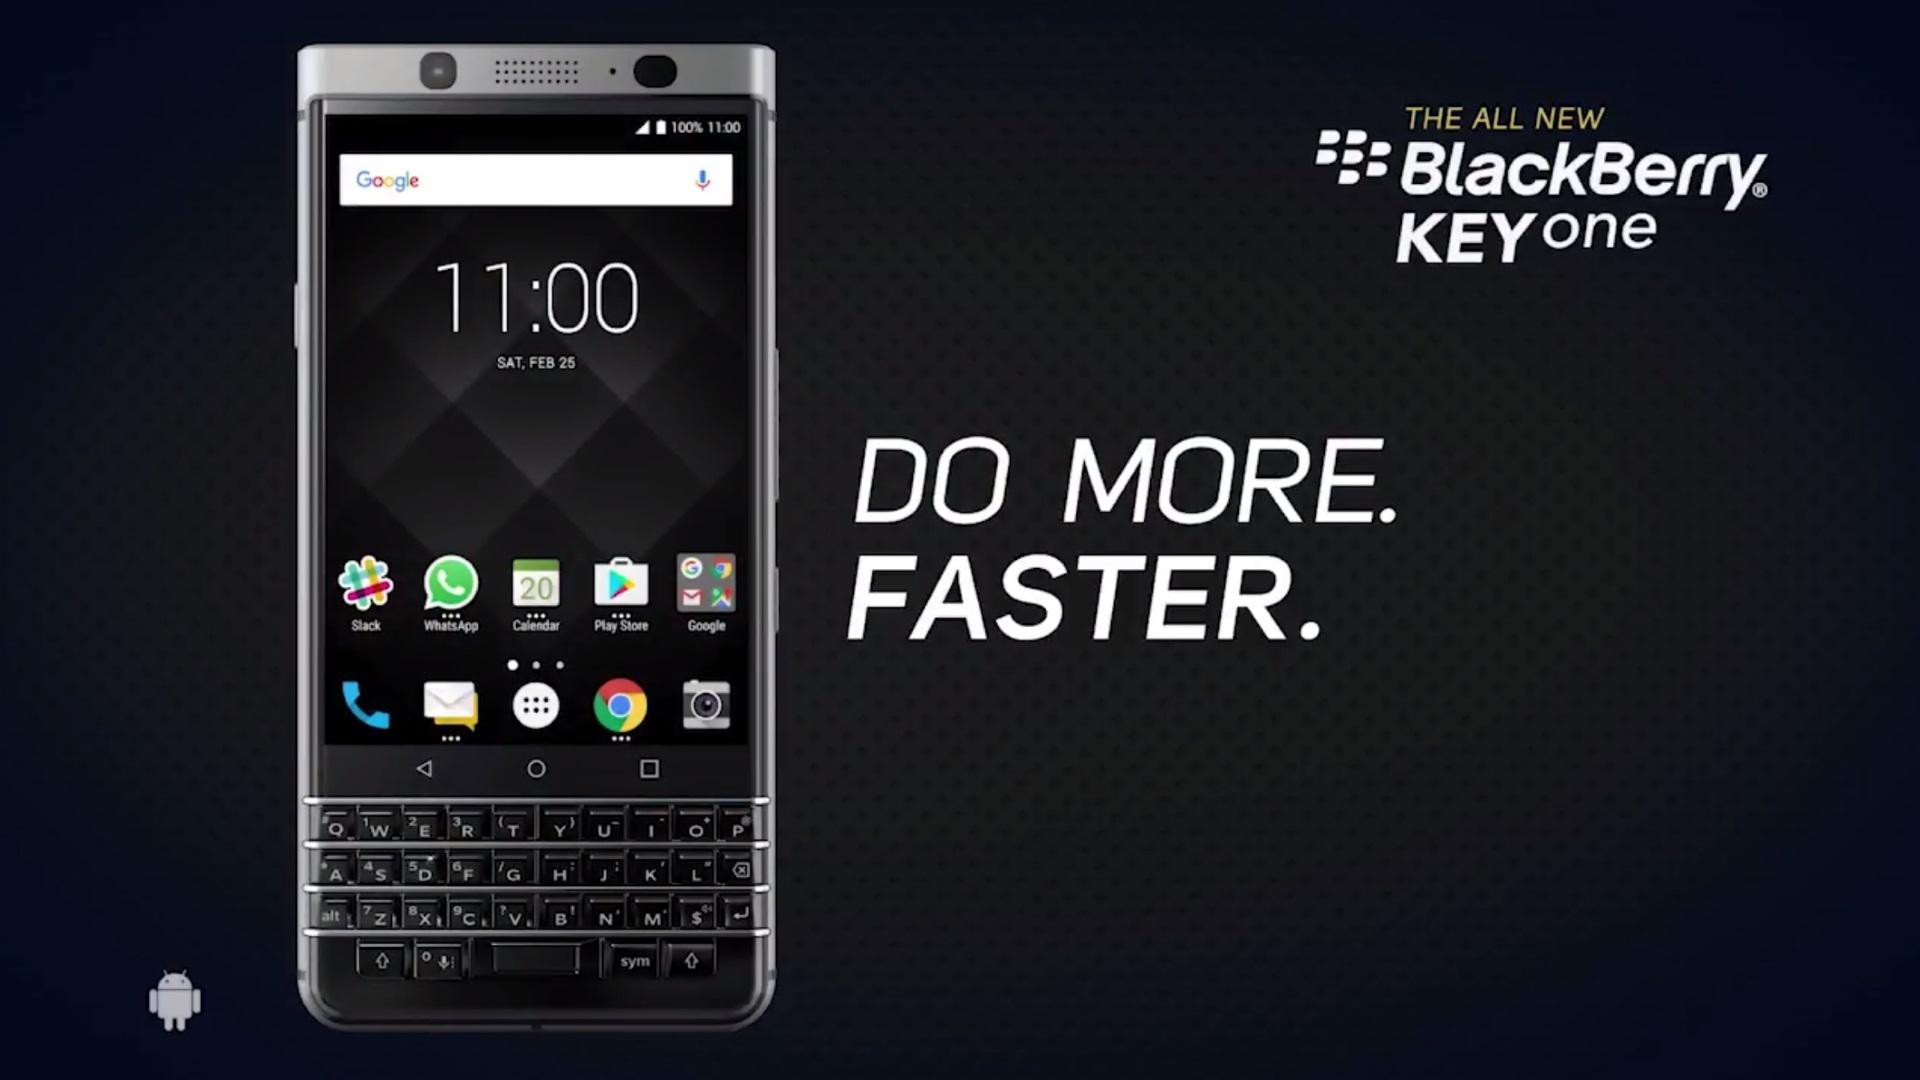 「BlackBerry KEYone」公式CM動画4本公開